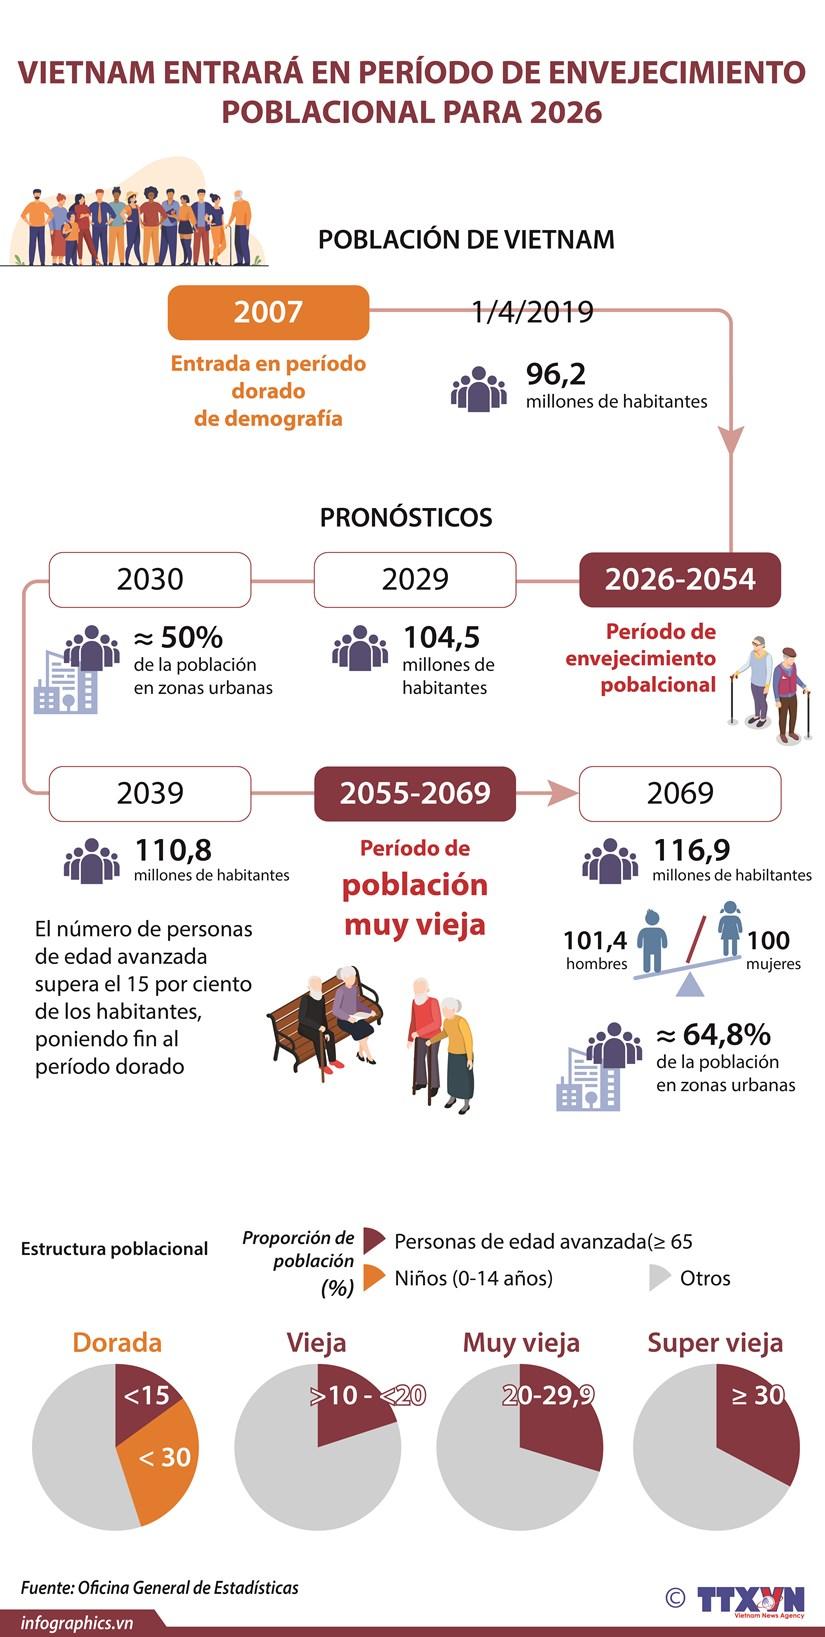 Vietnam entrara en periodo de envejecimiento poblacional para 2026 hinh anh 1